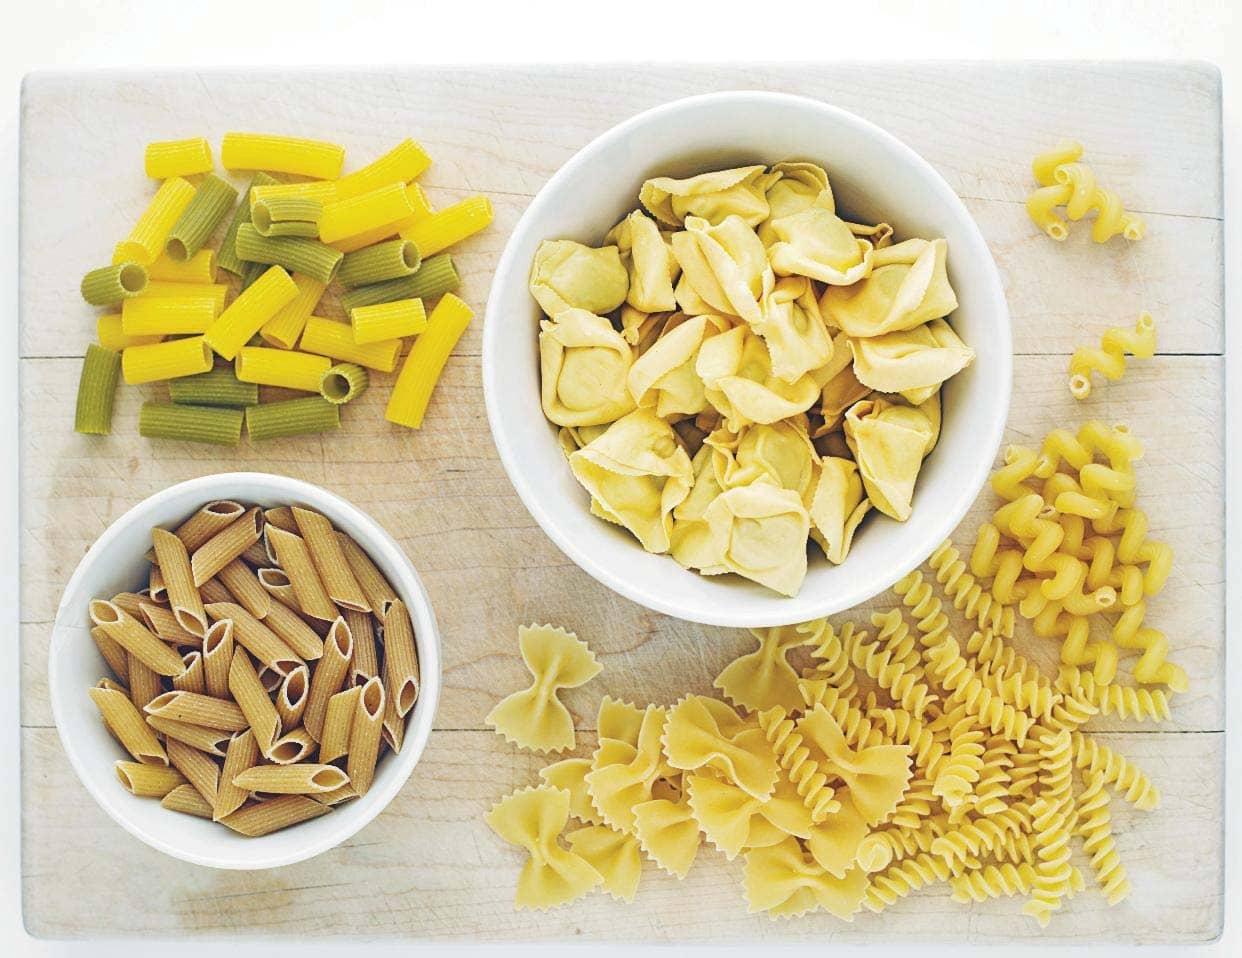 Toss & serve pasta salads